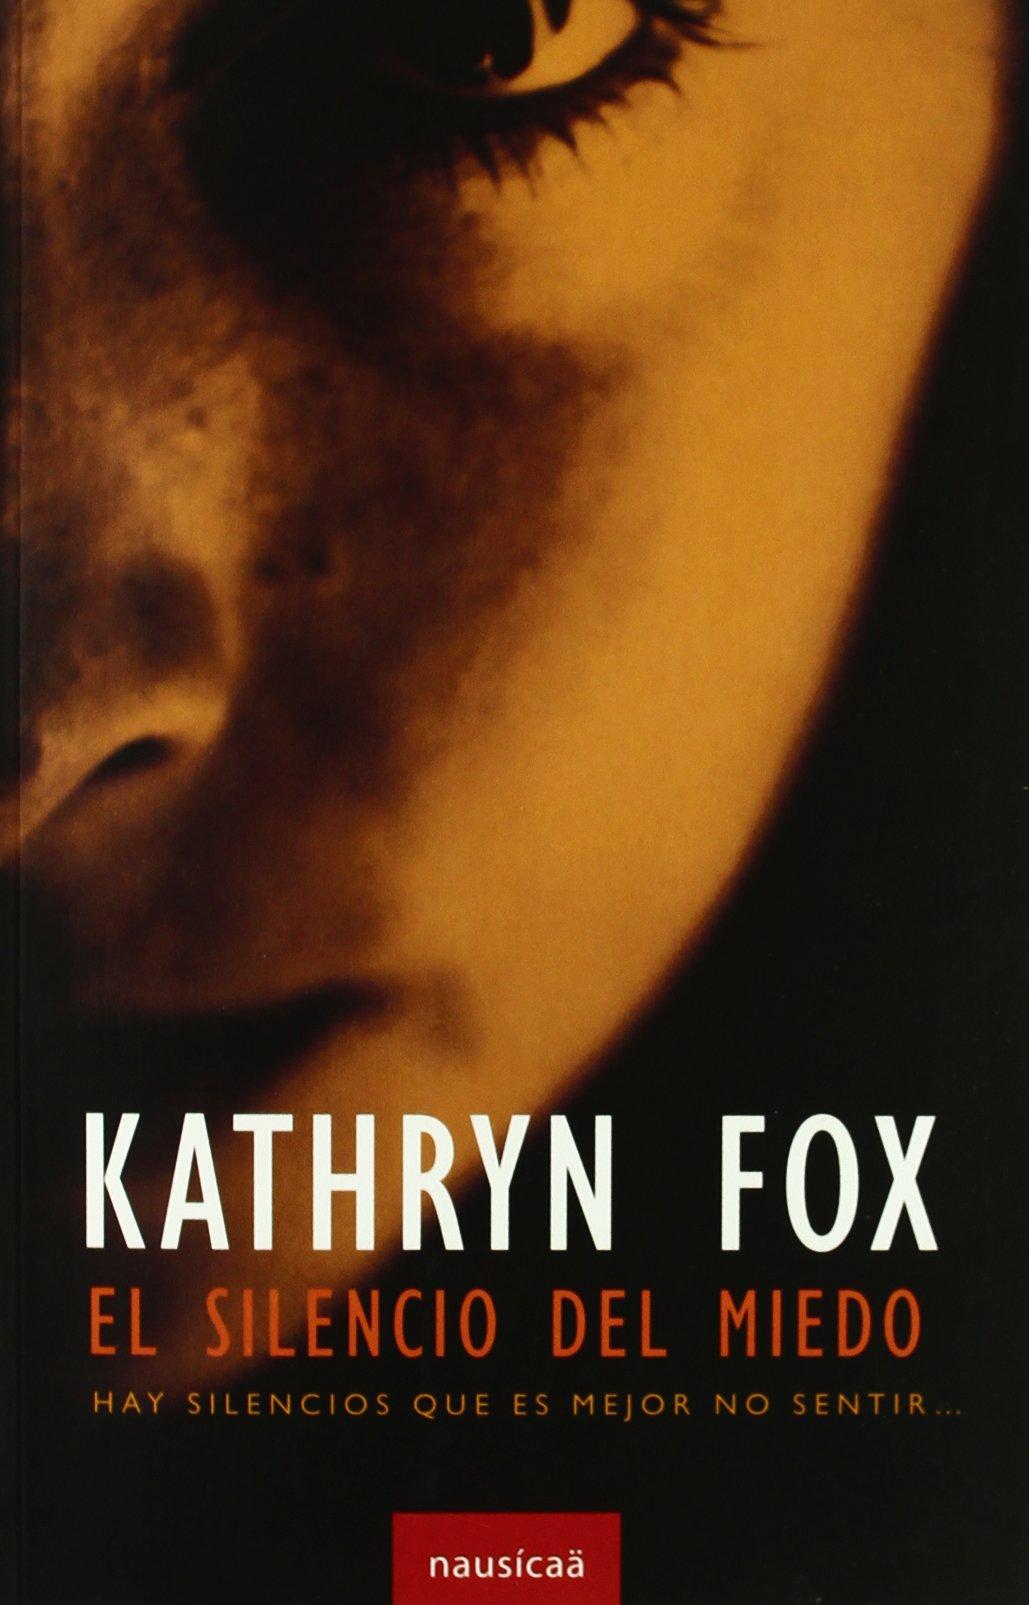 Silencio Del Miedo,El (Colección Crimen): Amazon.es: Kathryn Fox, Montserrat Gurguí Martínez de Huete, Hernán Sabaté Vargas: Libros